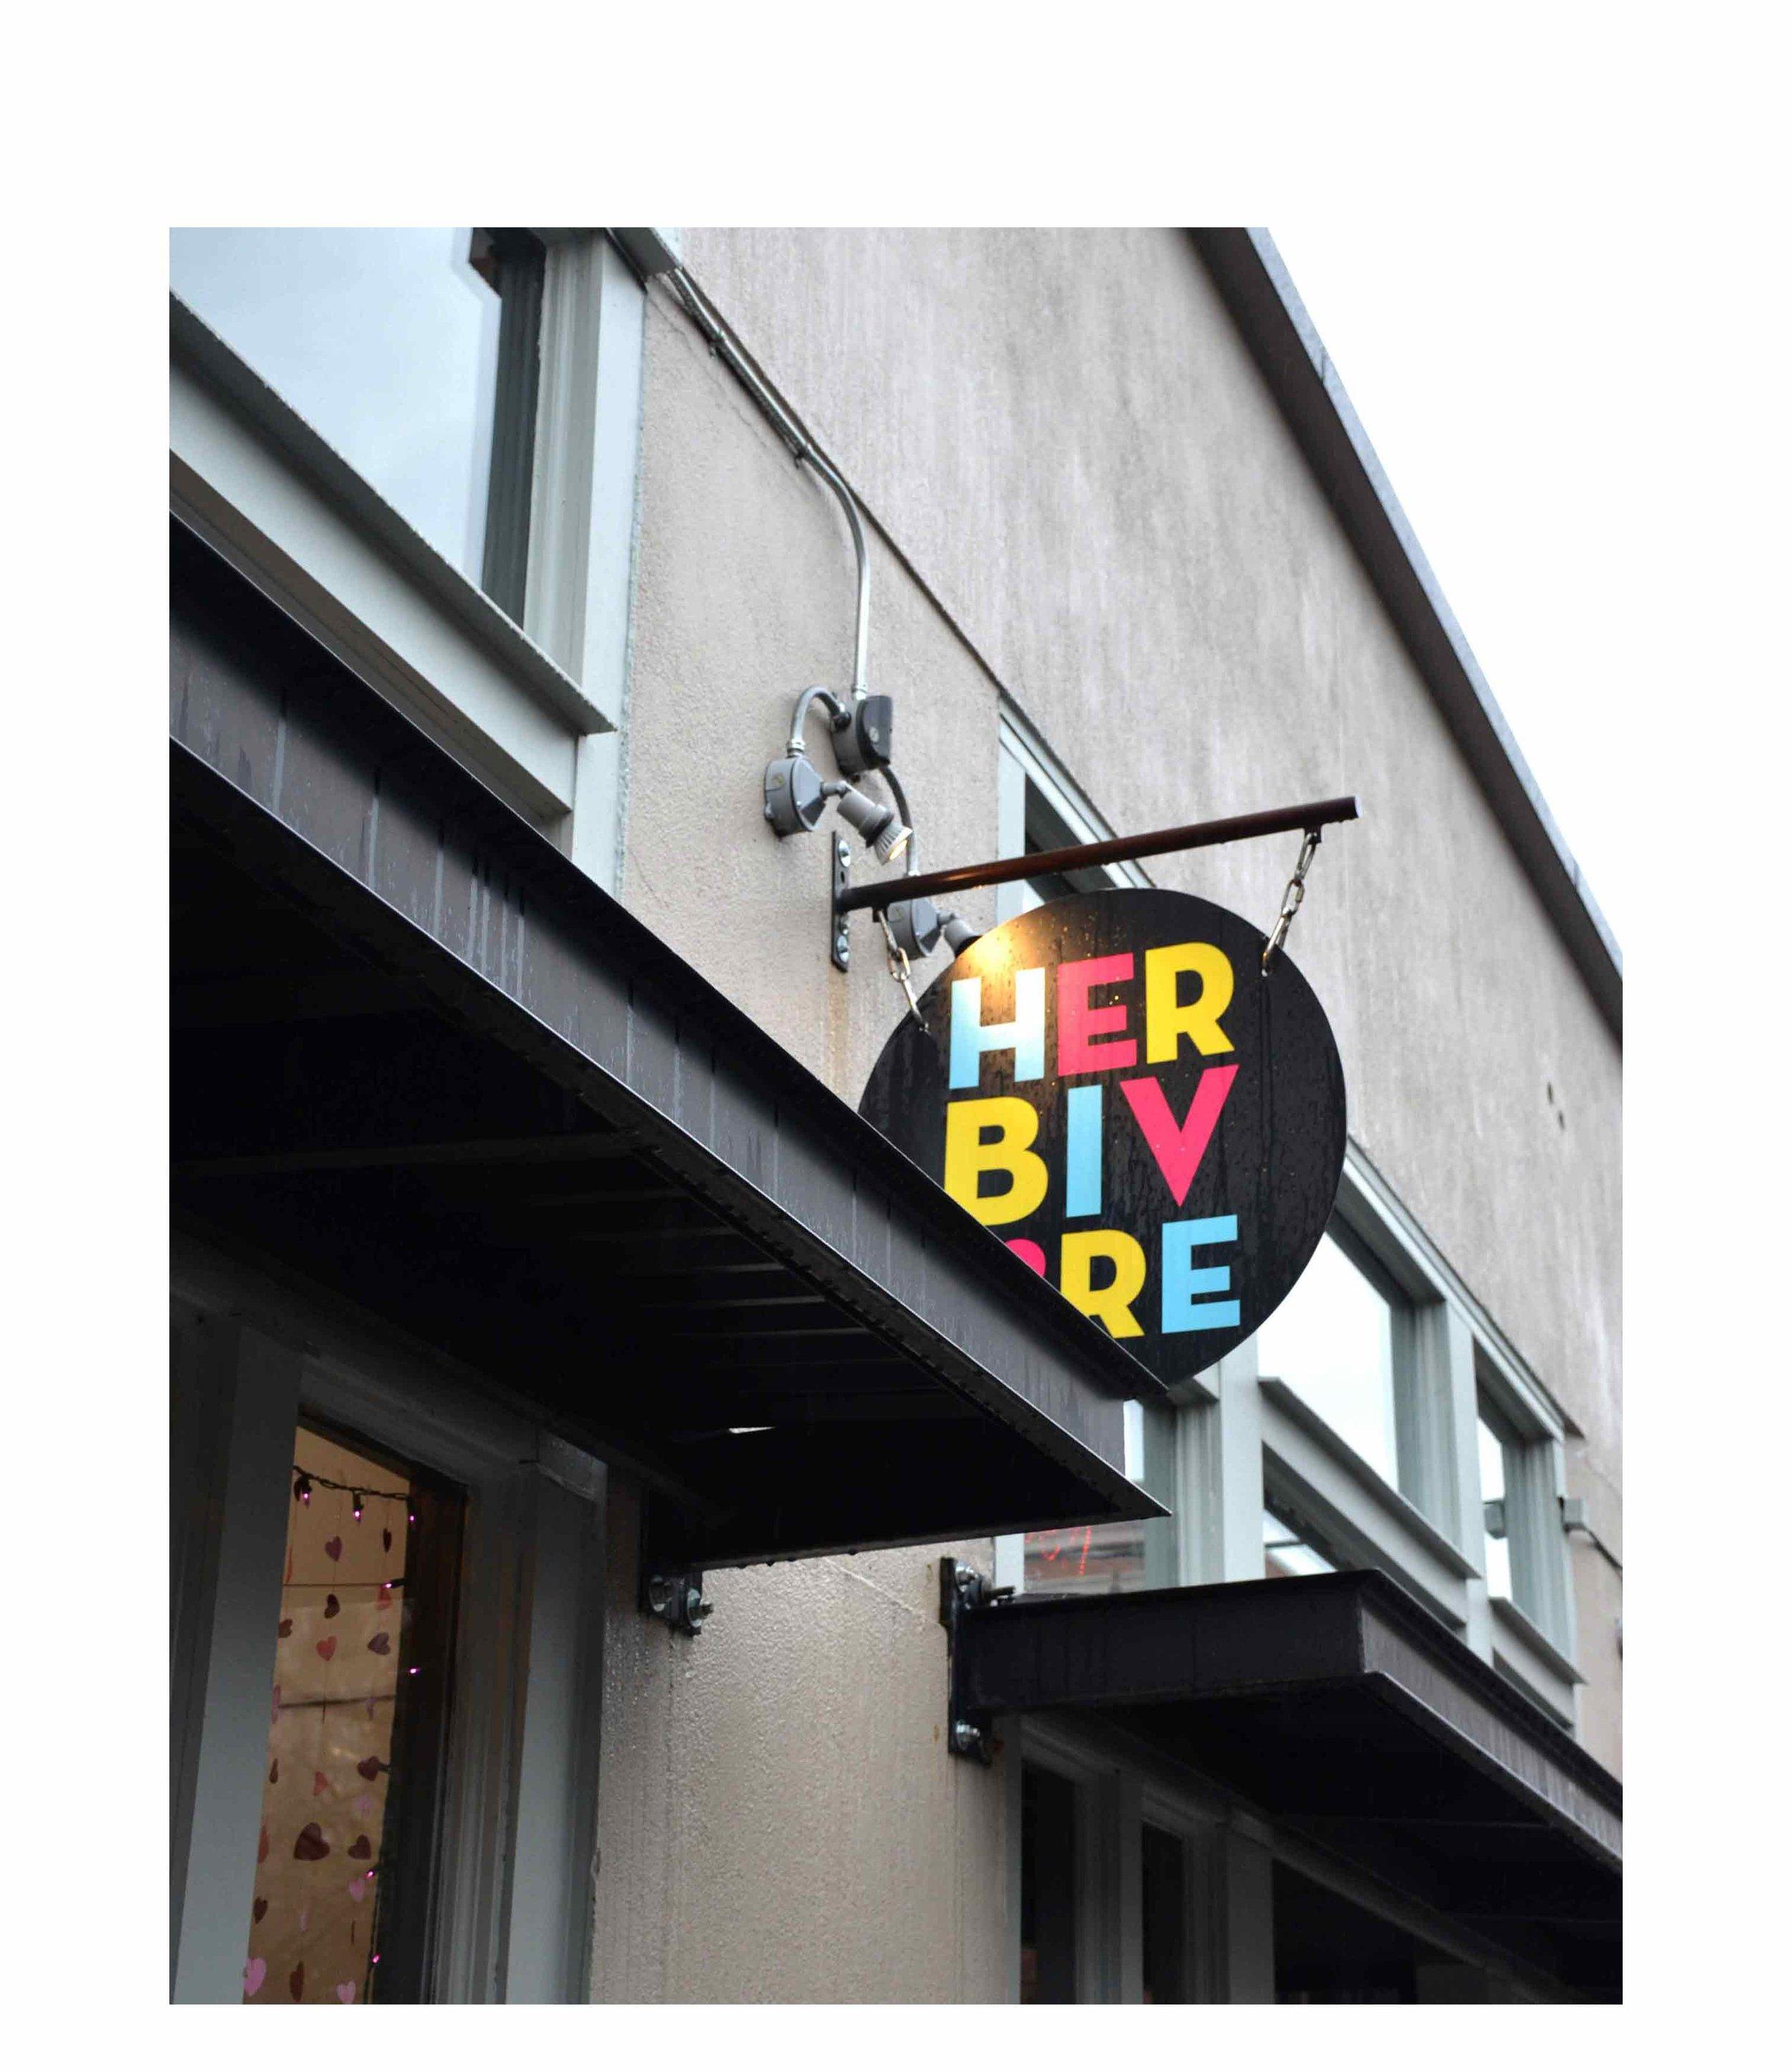 Herbivre_Outside-Sign_Small.jpg